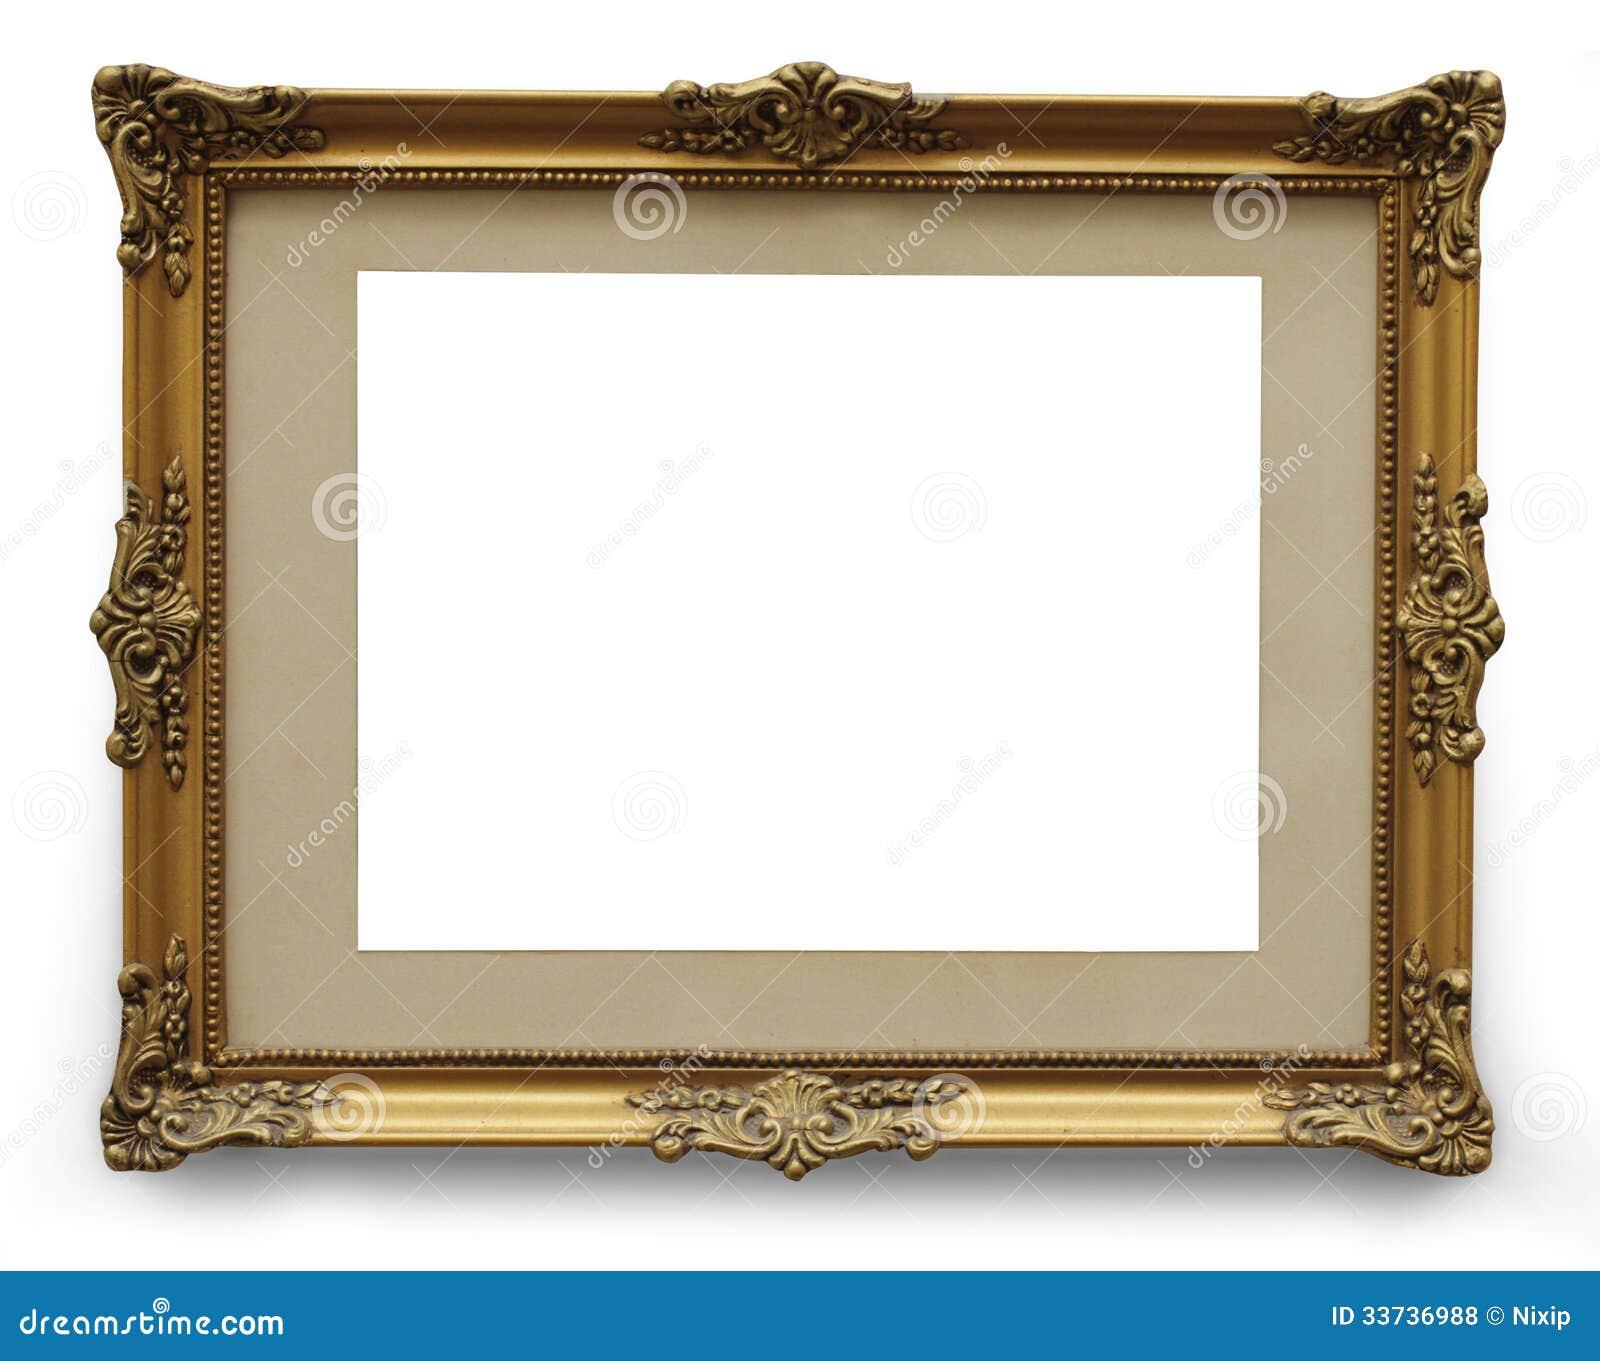 Античная золотая картинная рамка с путем клиппирования